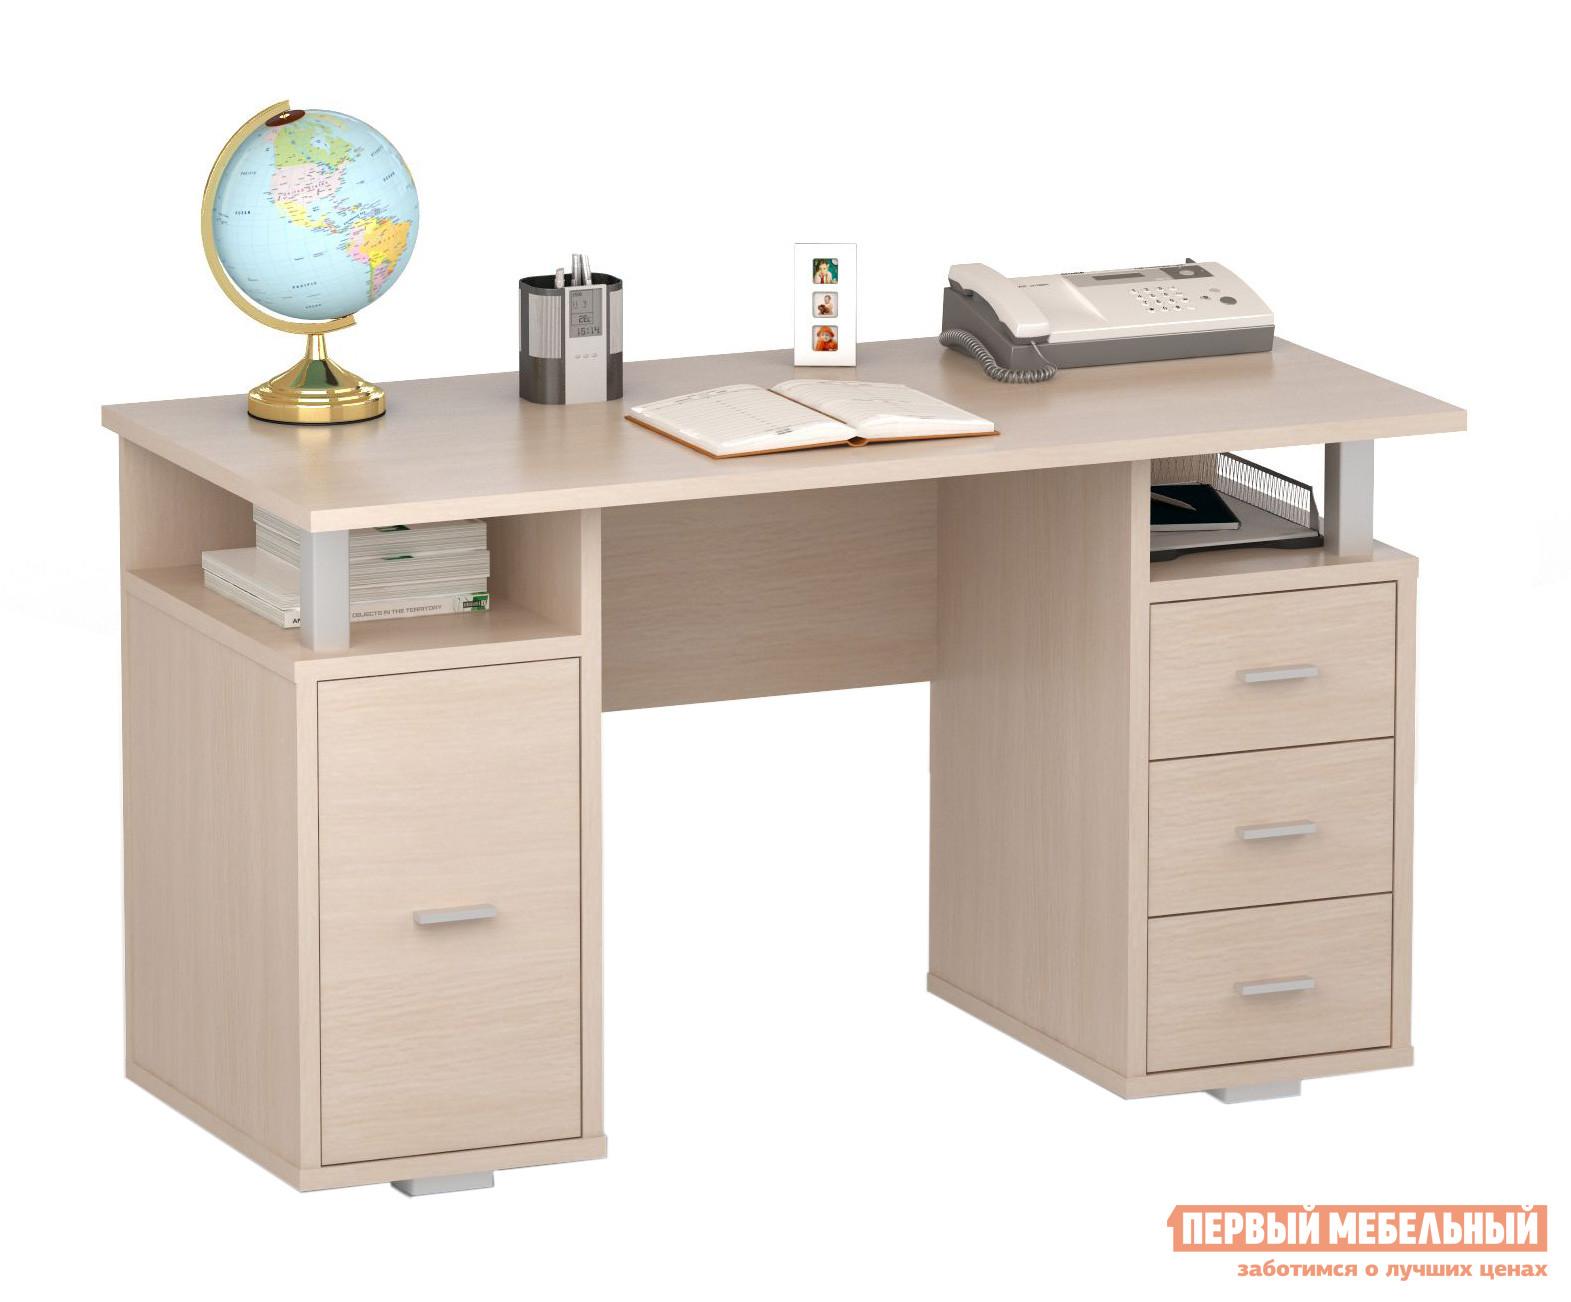 Компьютерный стол ВасКо ПС 40-07 Молочный дубКомпьютерные столы<br>Габаритные размеры ВхШхГ 750x1300x600 мм. Письменный стол. Стол изготовлен из высококачественной ламинированной ДСП толщиной 22 мм, торцевые поверхности облицованы высокопрочной кромкой ПВХ.  За счет специальной конструкции, изделие позволяет производить сборку в зеркальном исполнении.  Стол оснащен вместительной тумбой  и тремя выдвижными ящиками для хранения различных канцелярских принадлежностей.  Также имеется две полки, куда при желании можно поместить необходимые документы или книги. Данная модель удачным образом совместила в себе стильный дизайн и функциональность, благодаря чему она идеально подойдет для работы как в офисе, так и дома.<br><br>Цвет: Молочный дуб<br>Цвет: Светлое дерево<br>Высота мм: 750<br>Ширина мм: 1300<br>Глубина мм: 600<br>Кол-во упаковок: 2<br>Форма поставки: В разобранном виде<br>Срок гарантии: 24 месяца<br>Тип: Прямые<br>Материал: Деревянные, из ЛДСП<br>Размер: Большие, Ширина 130 см<br>Особенности: С ящиками, Без надстройки, С тумбой<br>Стиль: Современный, Модерн